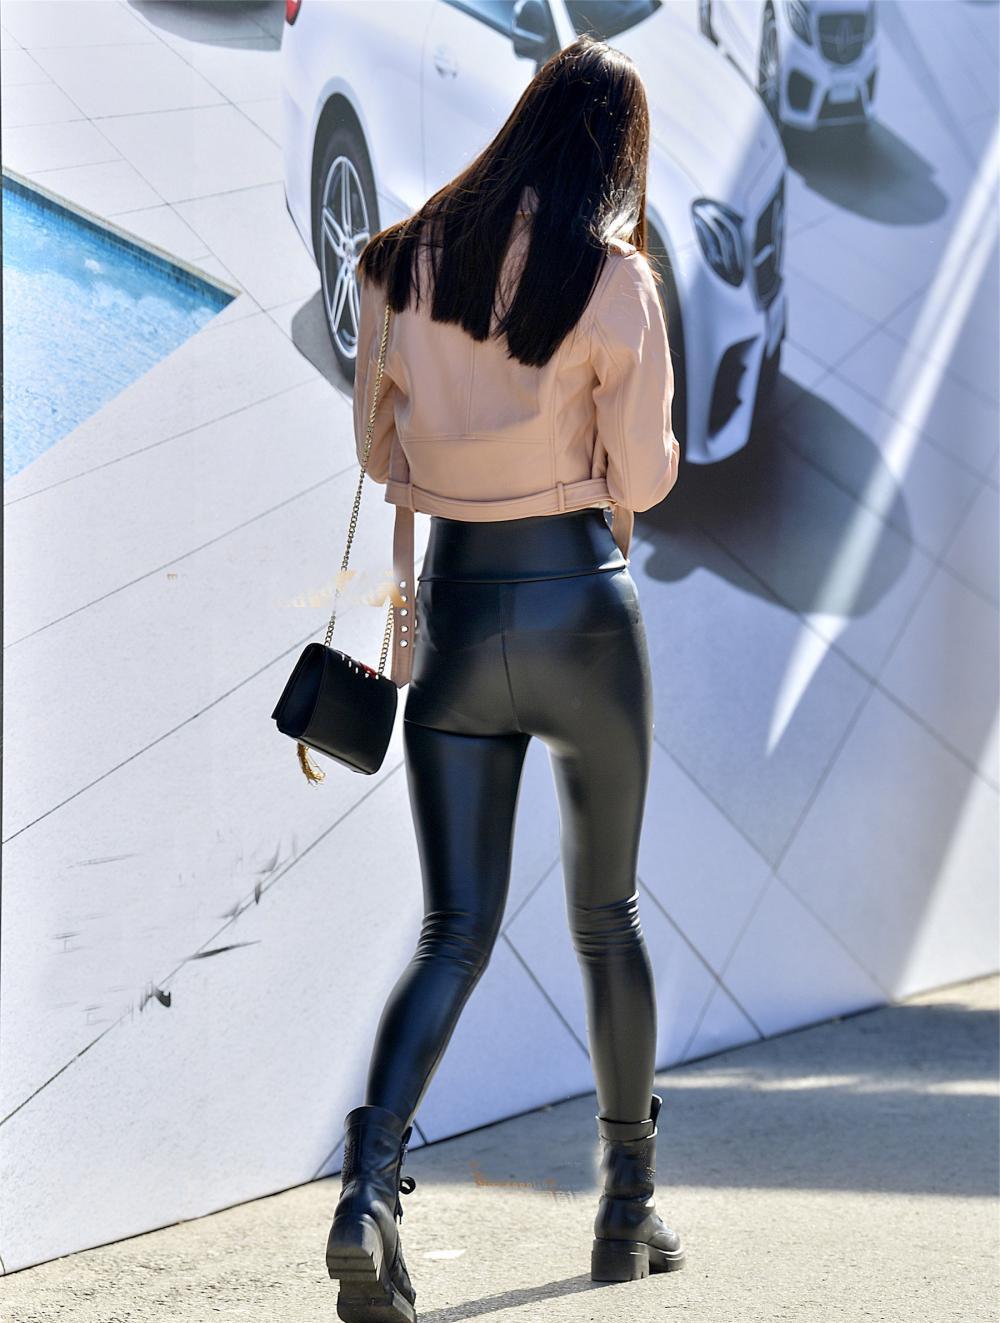 女生皮裤款式图手绘